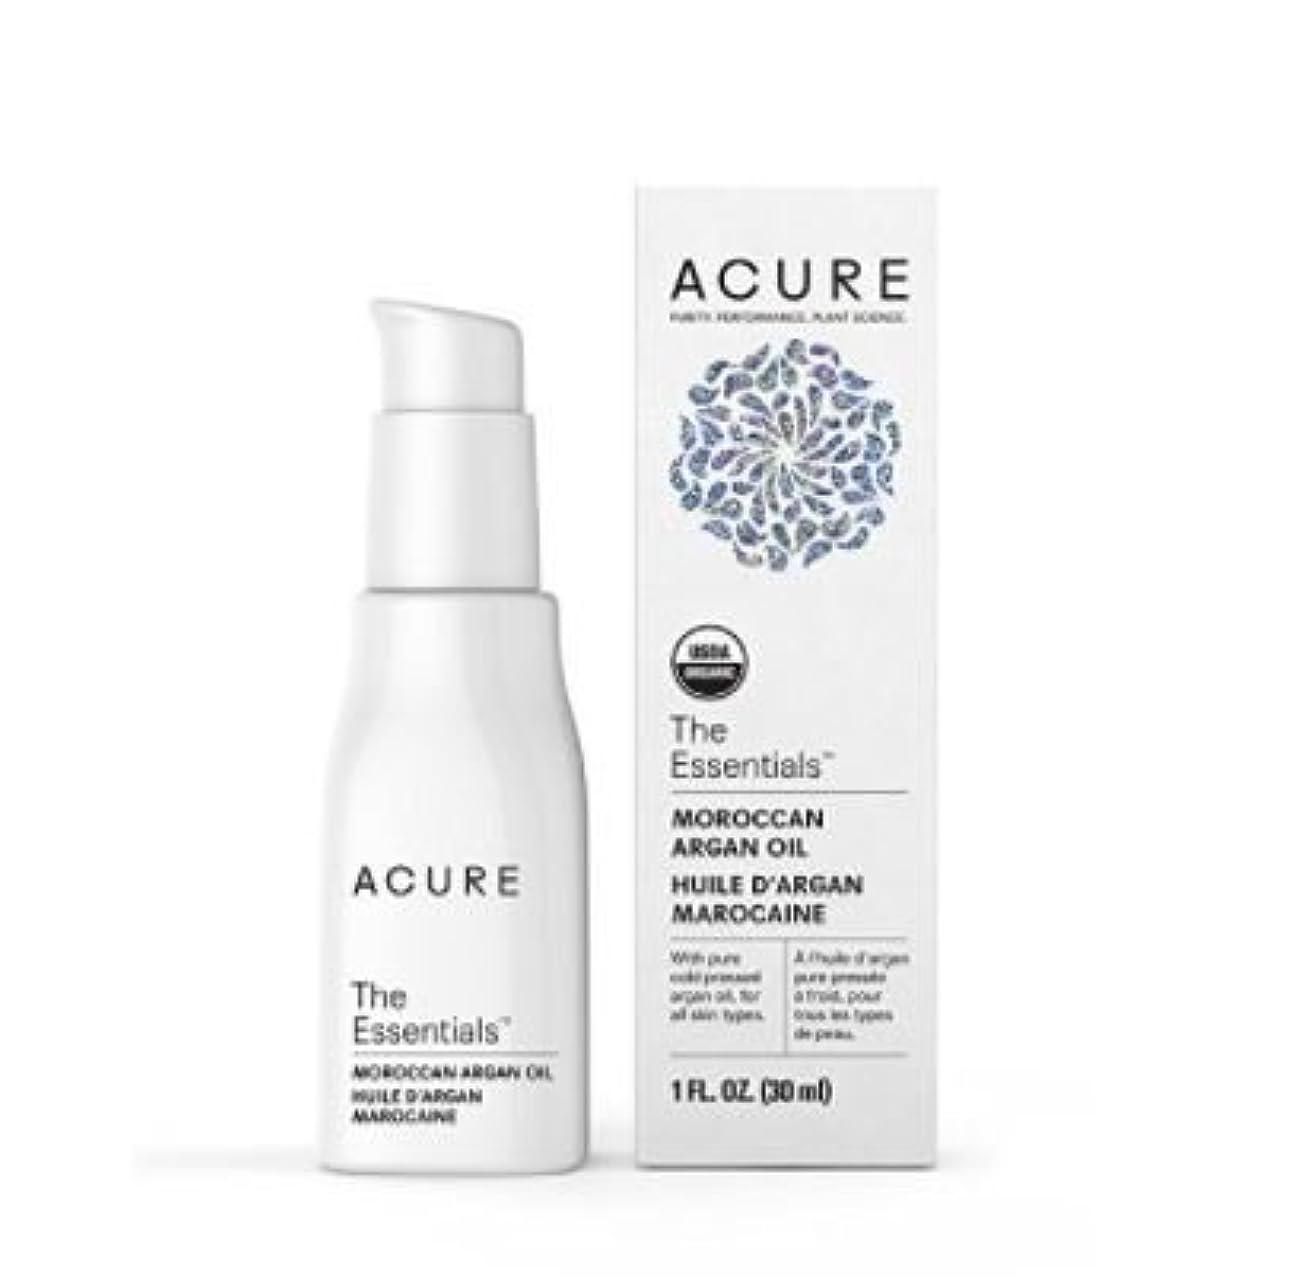 スチュワード塊肺Acure Organics オーガニック モロッコ原産 アルガンオイル トリートメント 全ての肌タイプ用 1 oz 30ml【並行輸入品】